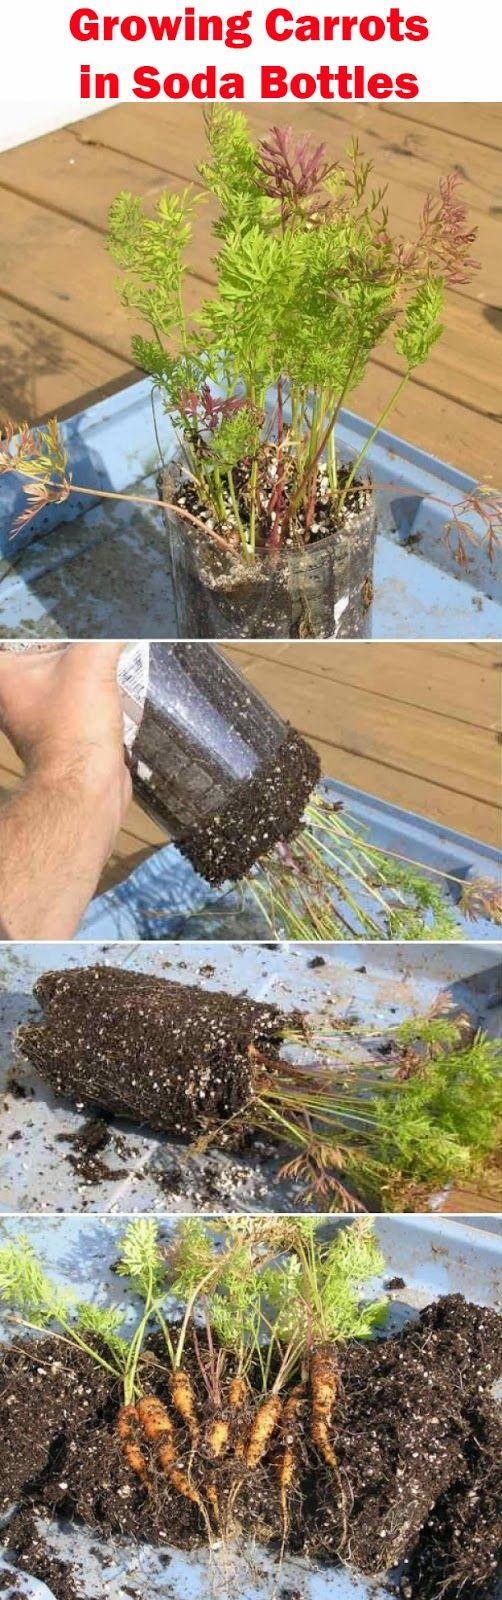 Cultivo de cenouras em garrafas pet